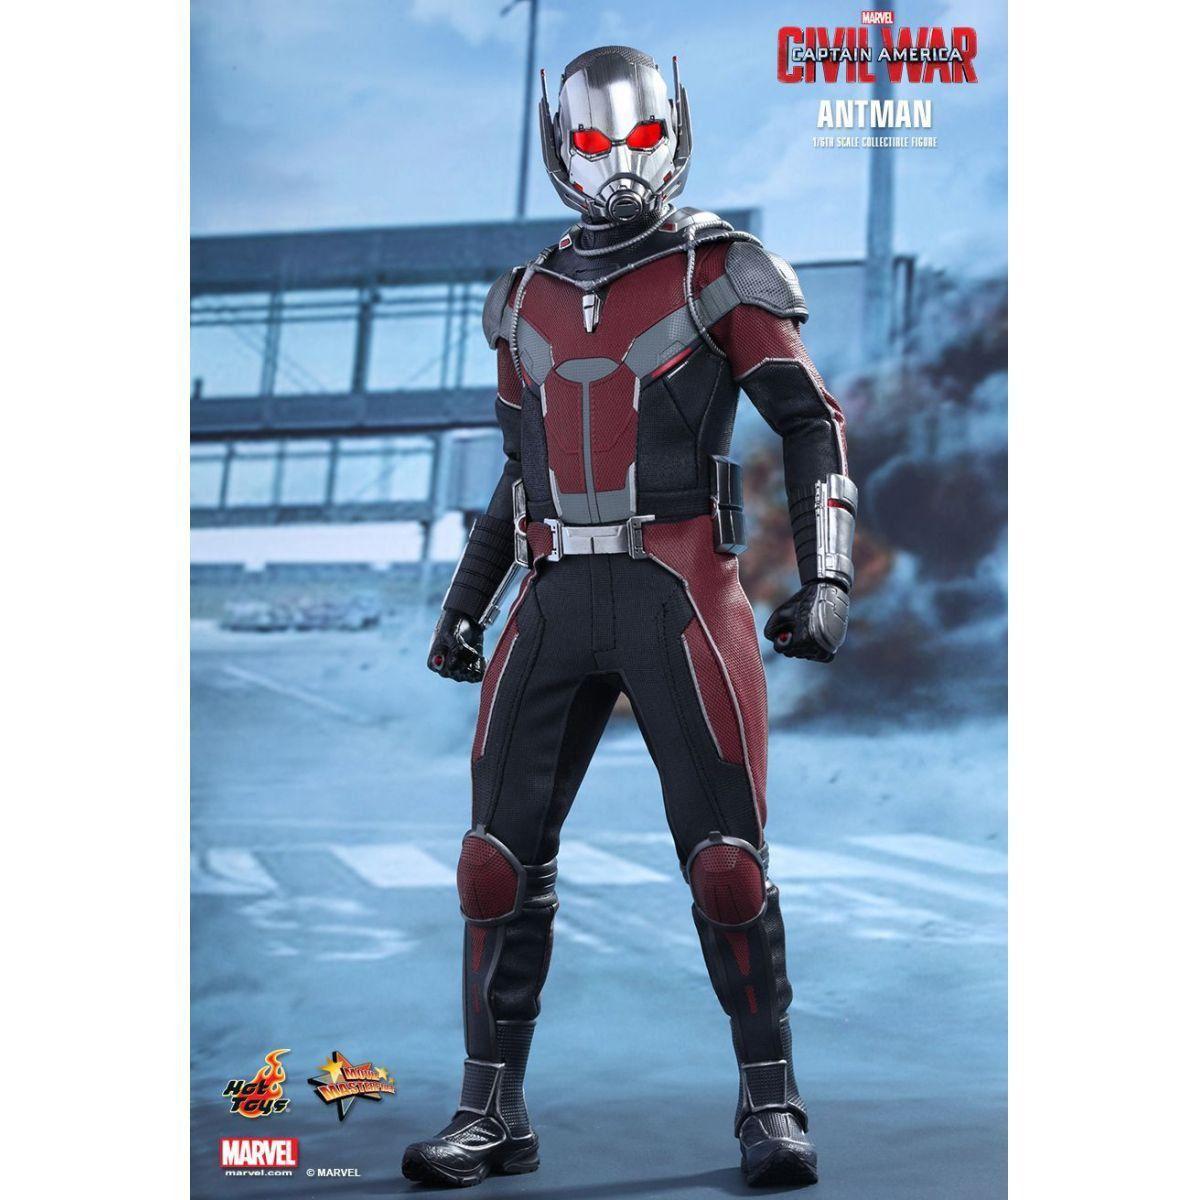 Action Figure Homem Formiga Ant-Man Capitão América Guerra Civil Civil War Escala 1/6 MMS362 Marvel - Hot Toys